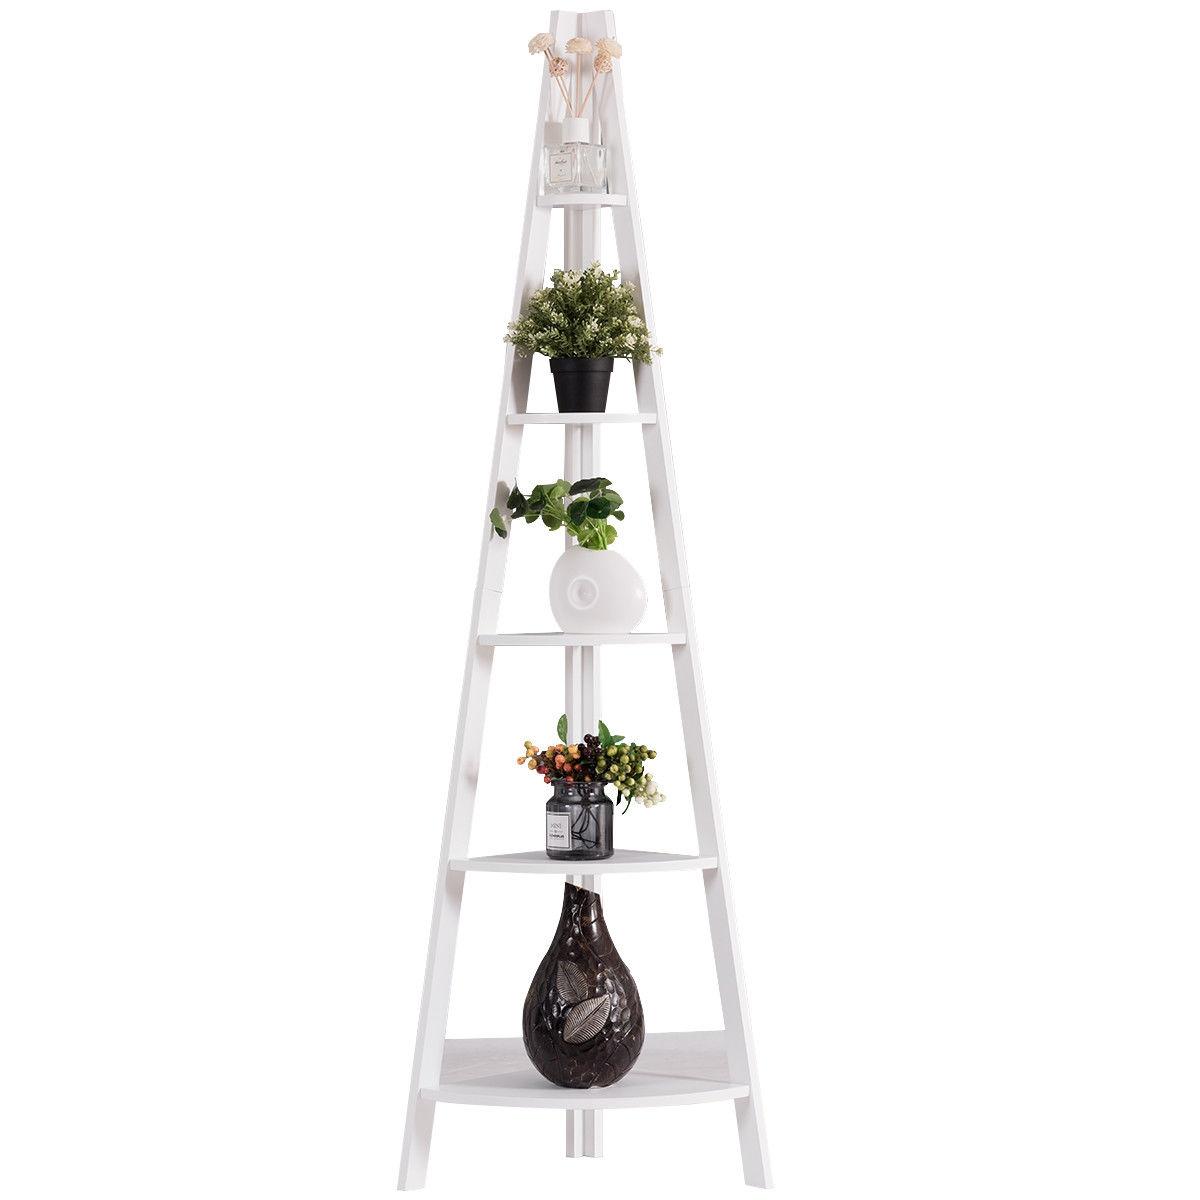 5 Tier Floor Corner Stand Ladder Shelves Bookshelf